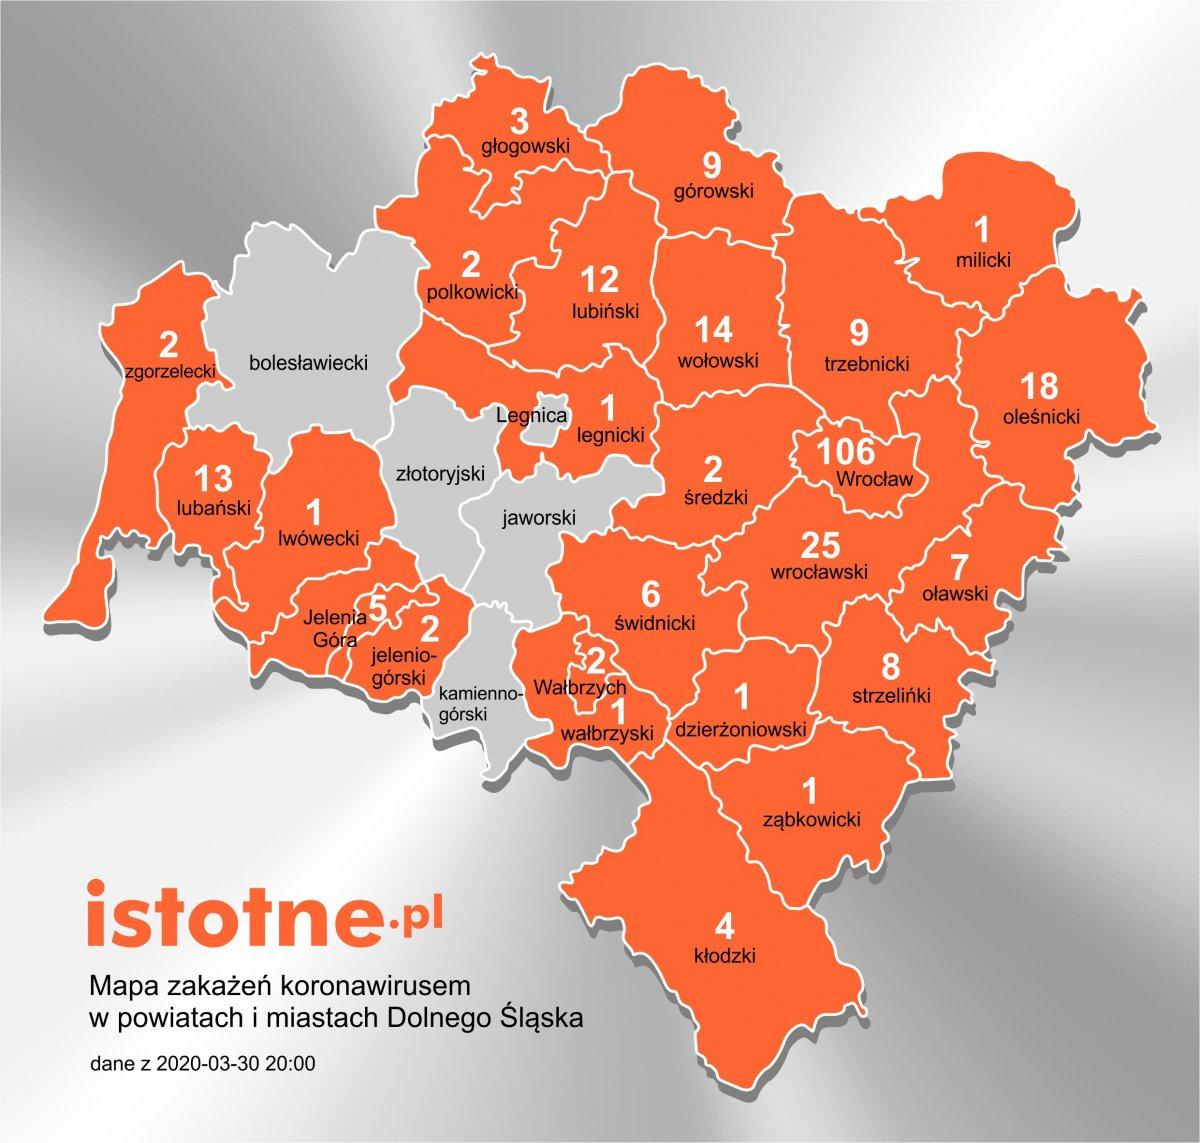 Mapa zakażeń koronowirusem w powiatach i miastach Dolnego Śląska